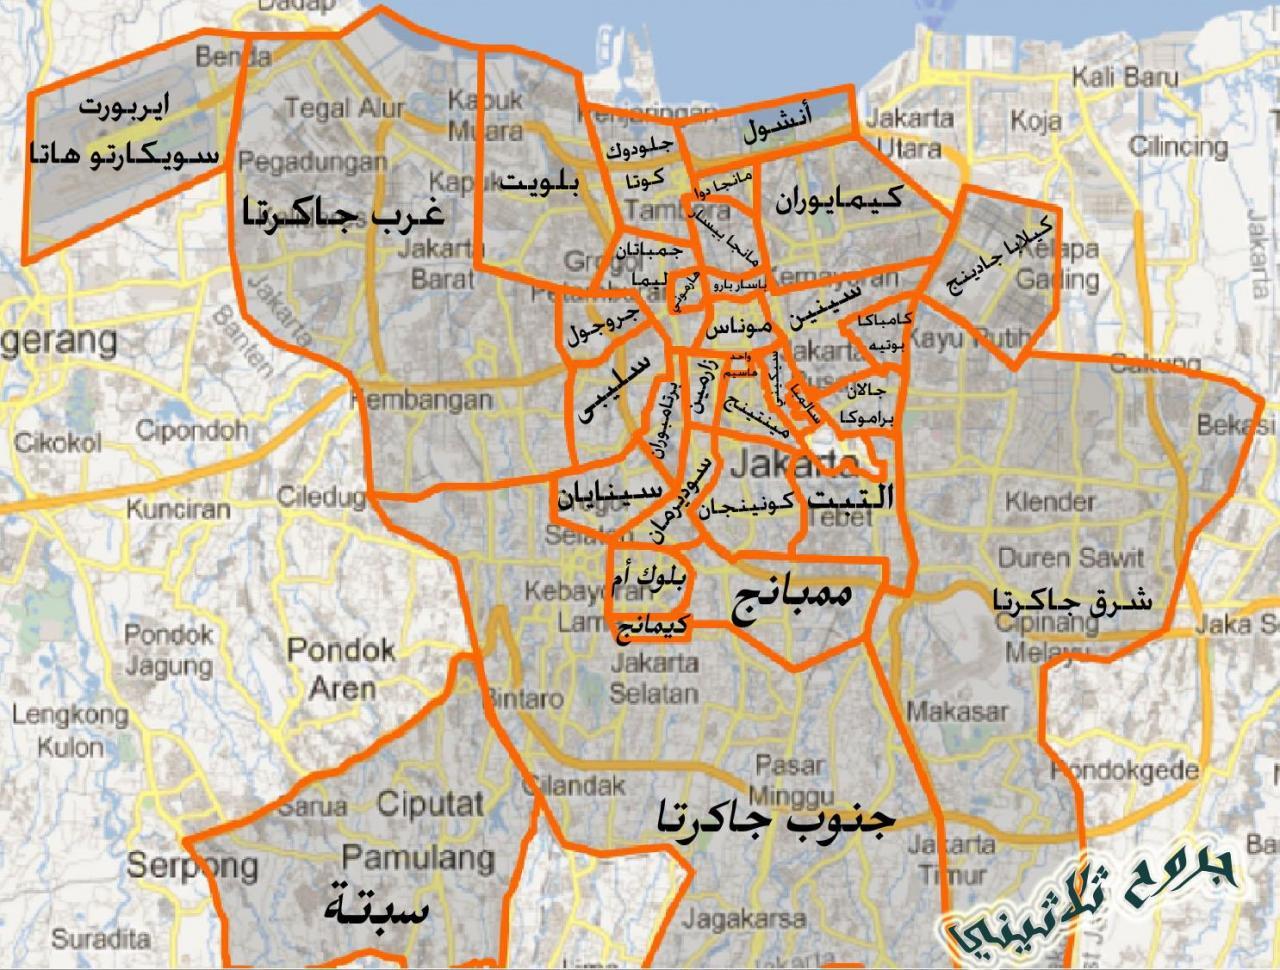 صور خريطة احياء جدة , تقسيم احياء جدة